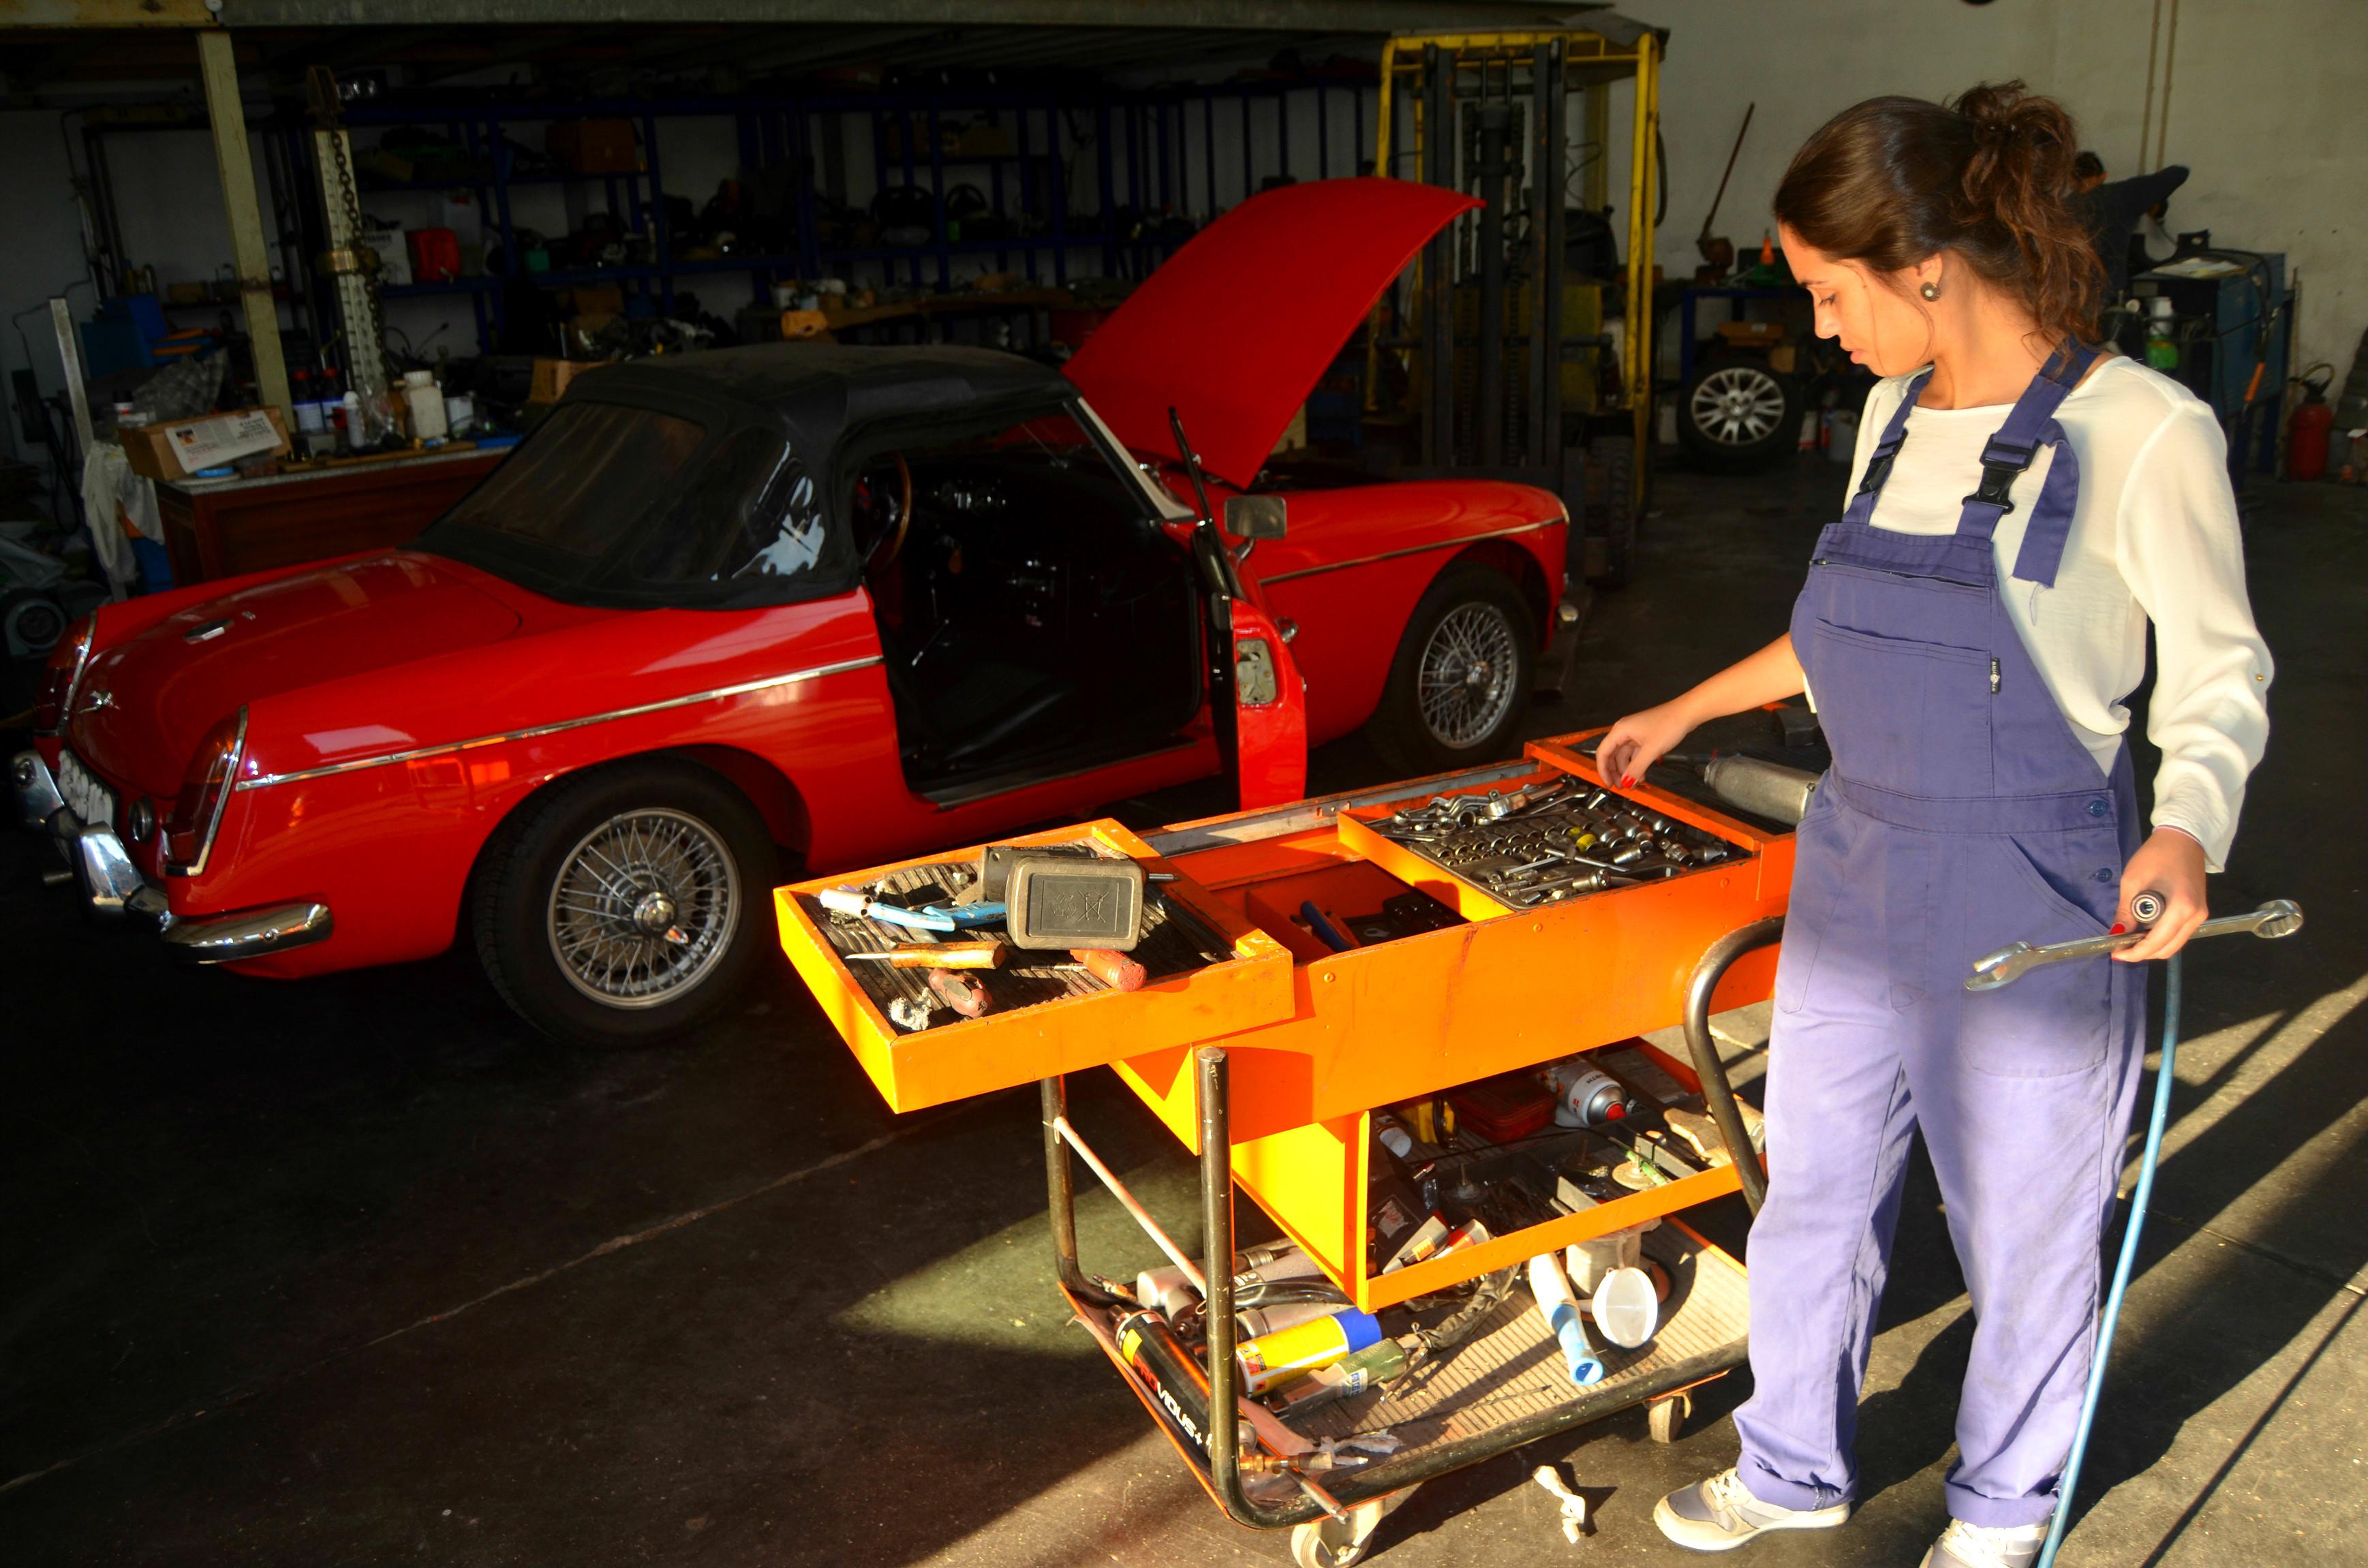 O ideal para Joana seria aliar a mecânica à multimédia e poder fazer disso futuro